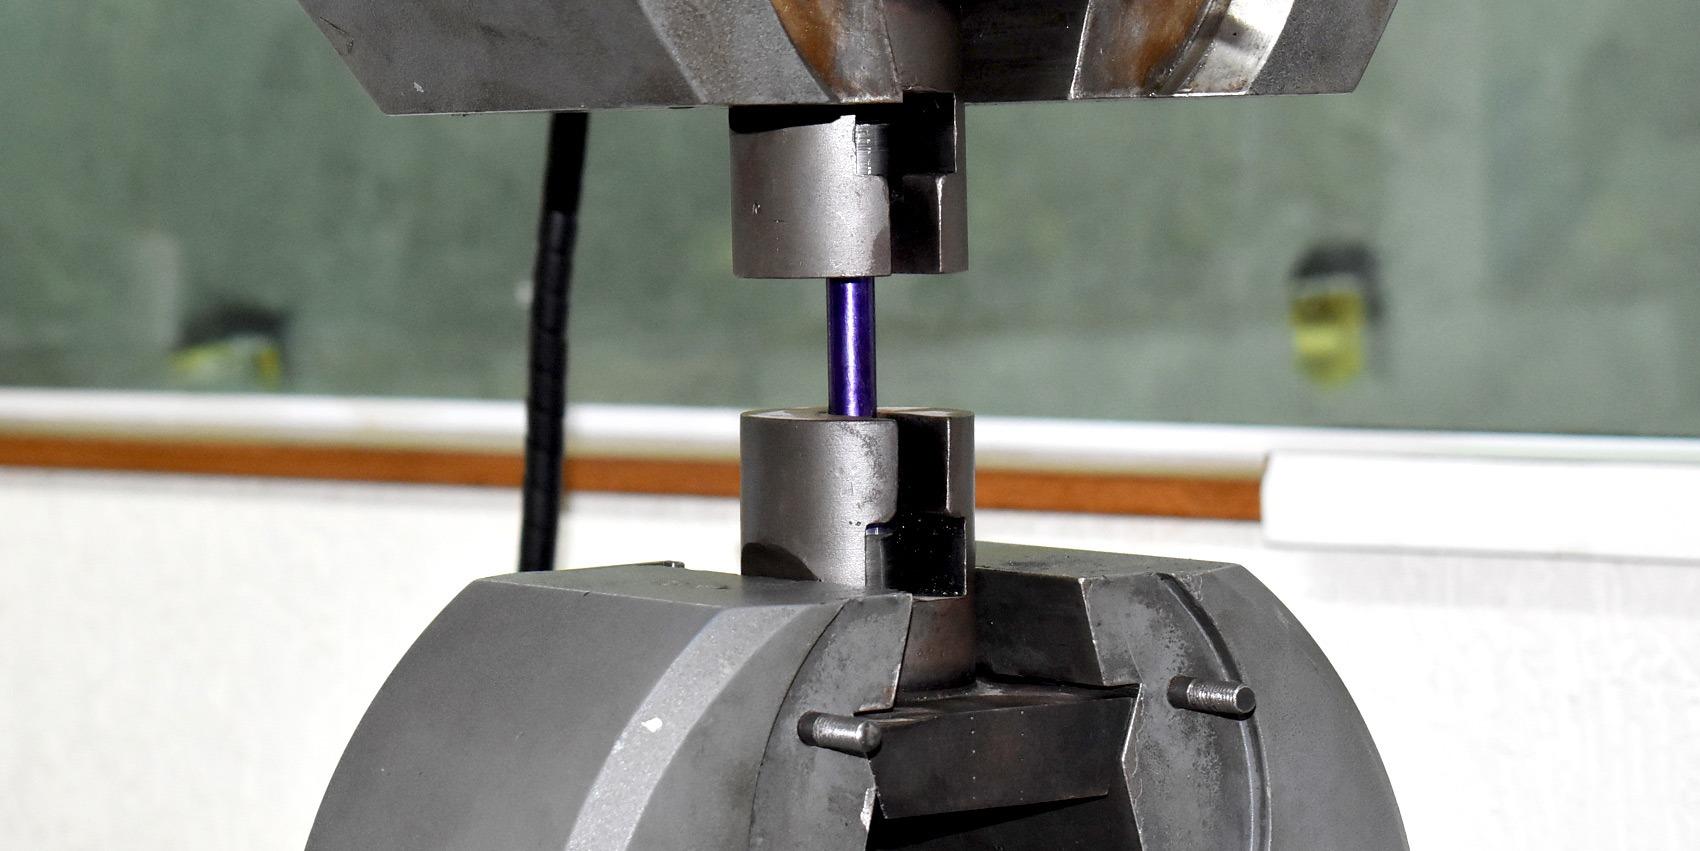 Ensaio de Tração e Compressão - Análise Física do Aço | Ensaio de Tração e Compressão - Análise Física do Aço